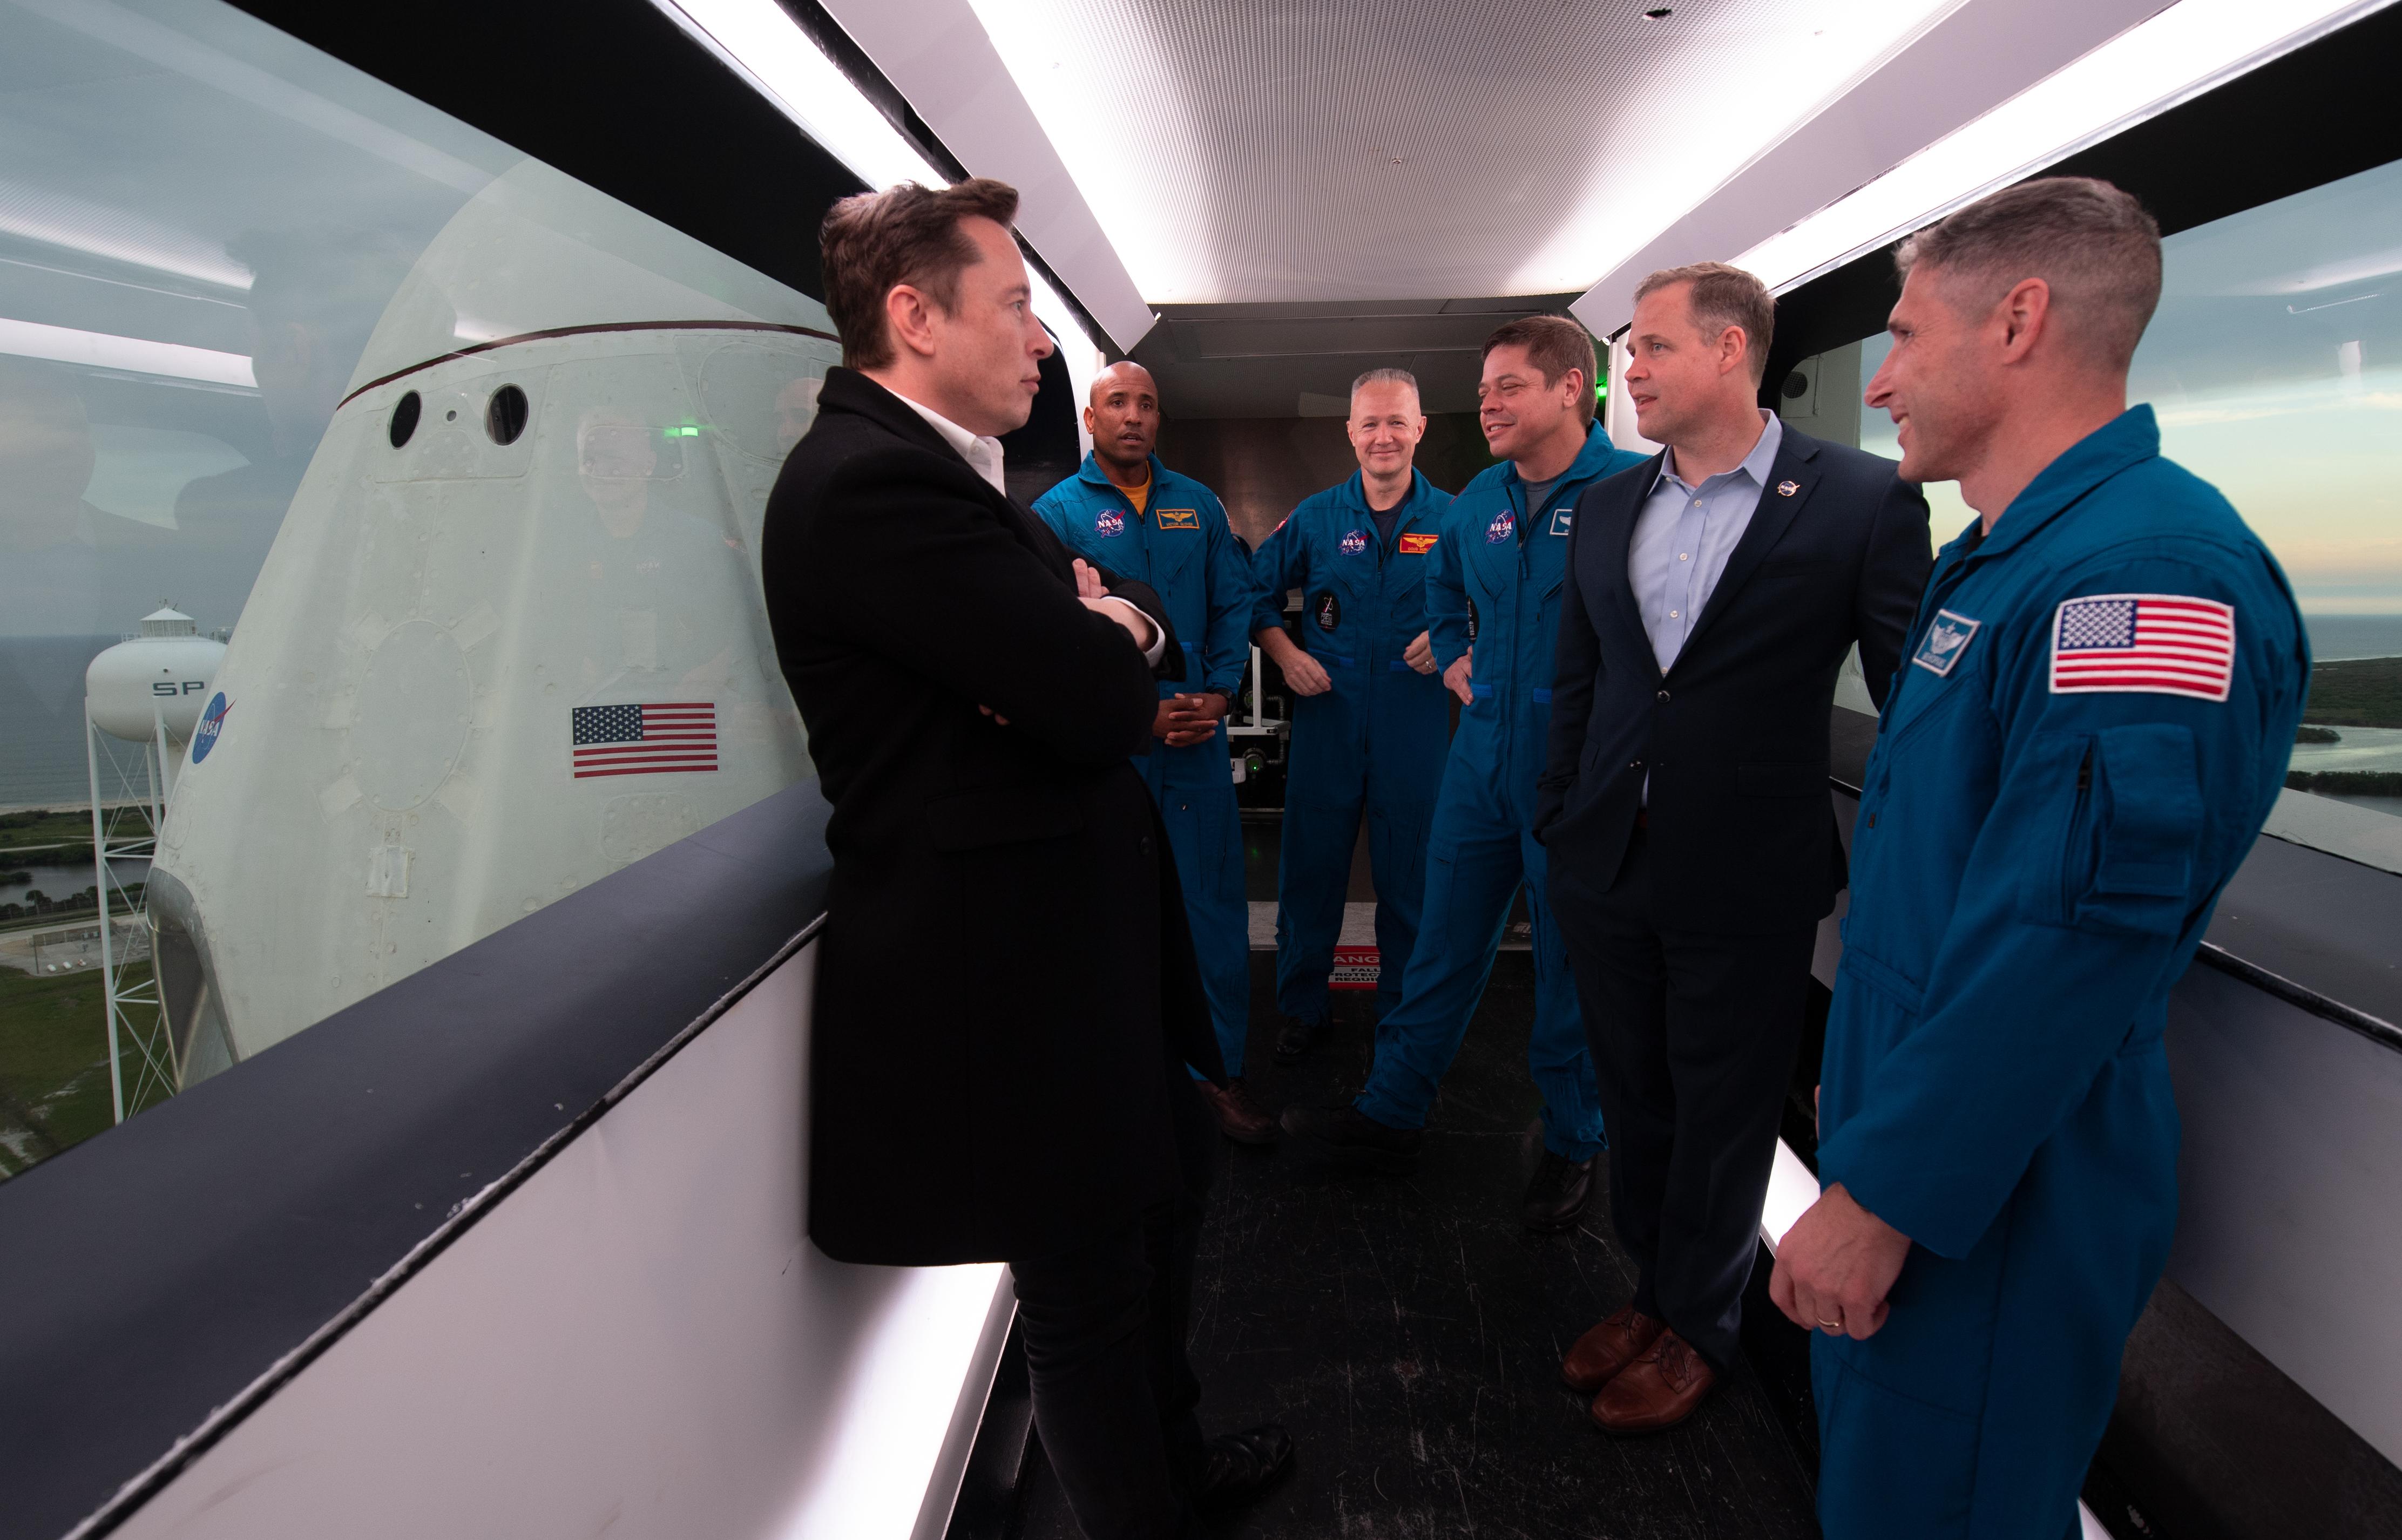 Elon Musk, CEO di SpaceX insieme               agli austronauti della NASA Victor Glover, Doug Hurley,               Bob Behnken, Mike Hopkins e all'amministratore della               NASA Jim Bridenstine all'interno del braccio di accesso               dell'equipaggio nella stazione di lancio di Cape               Canaveral in Florida. Sullo sfondo la navicella spaziale               Crew Dragon. La foto è stata scattata il 1° marzo 2019, il giorno precedente al               lancio della missione Demo-1 del Commercial Crew               Program della NASA.